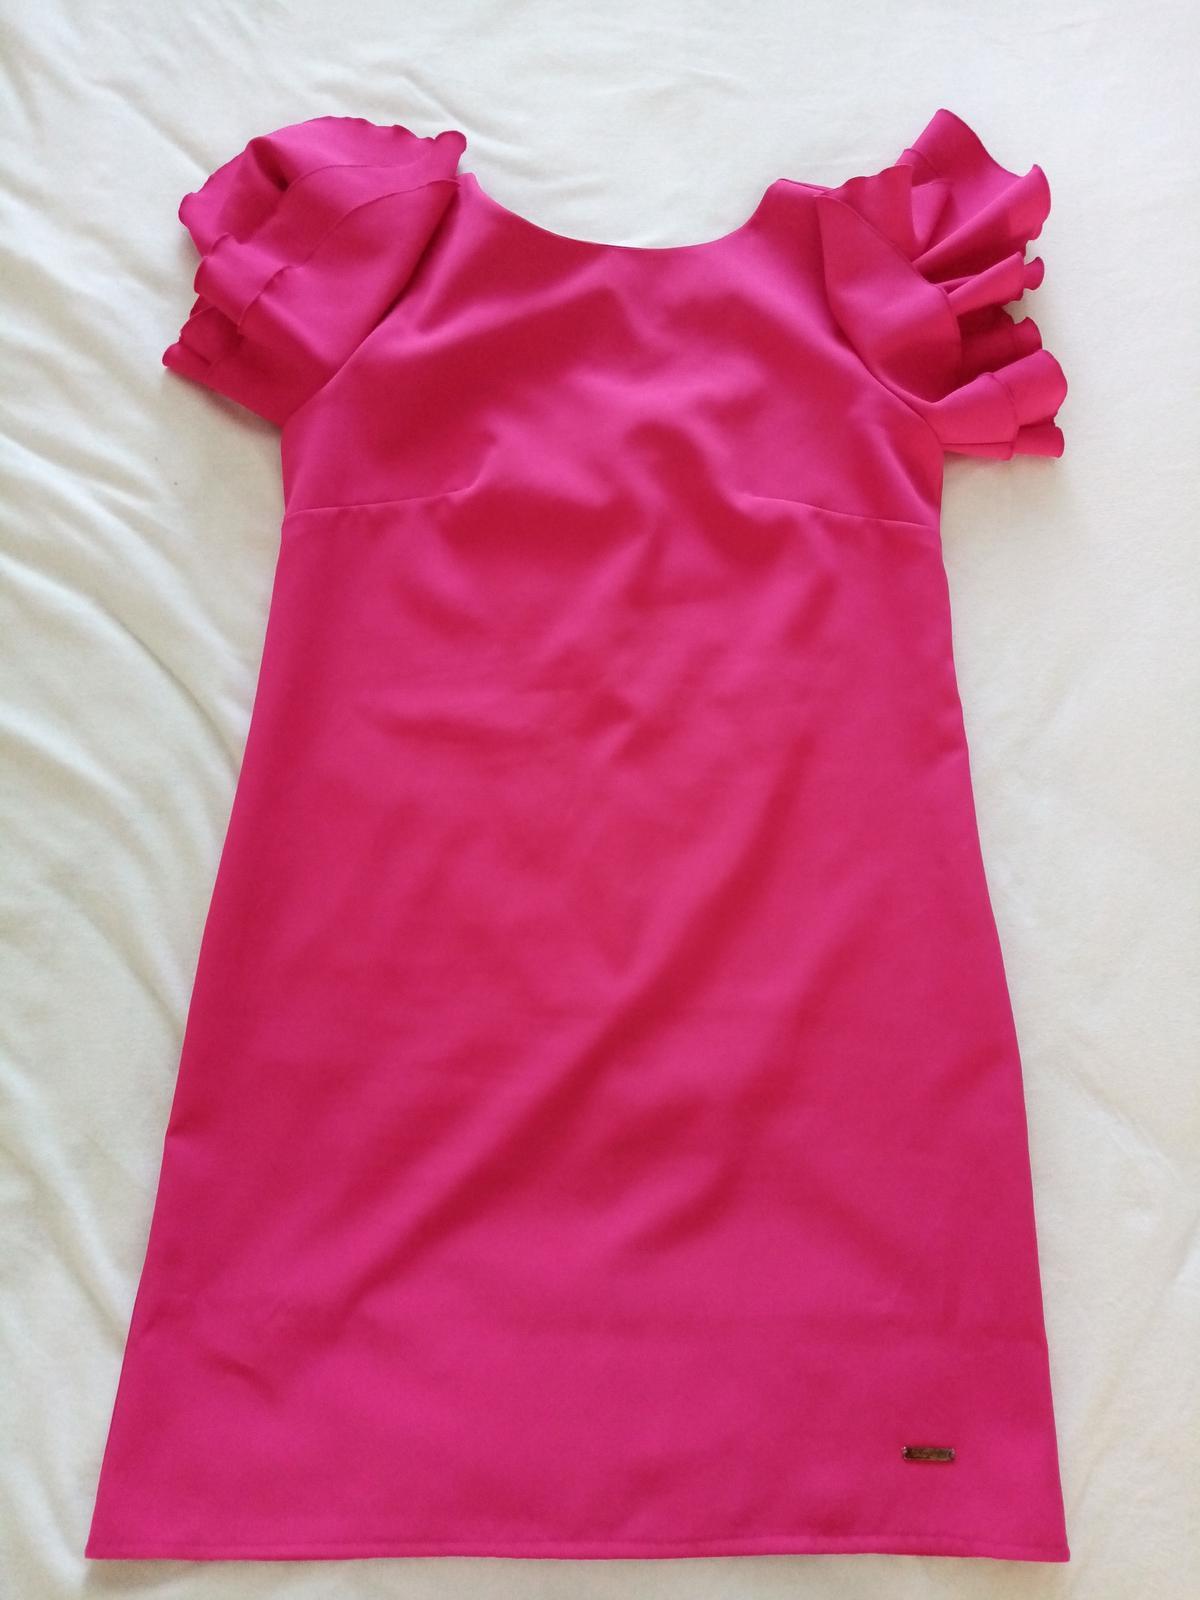 Krátke cyklaménové šaty 36/38 - Obrázok č. 1